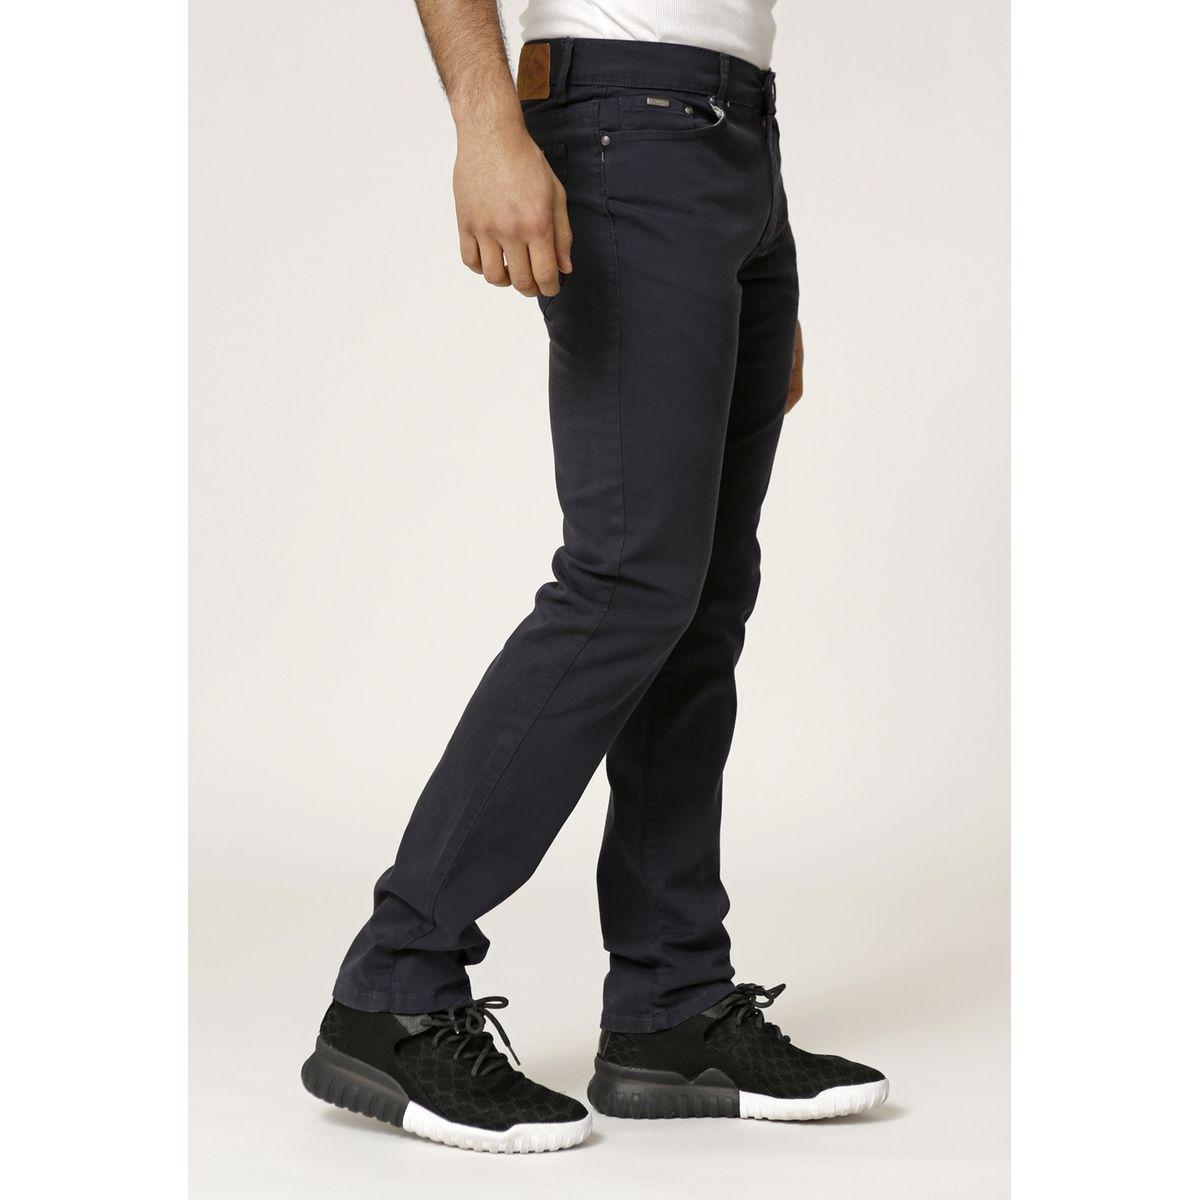 Jeans RL80 stretch coupe droite ajustée